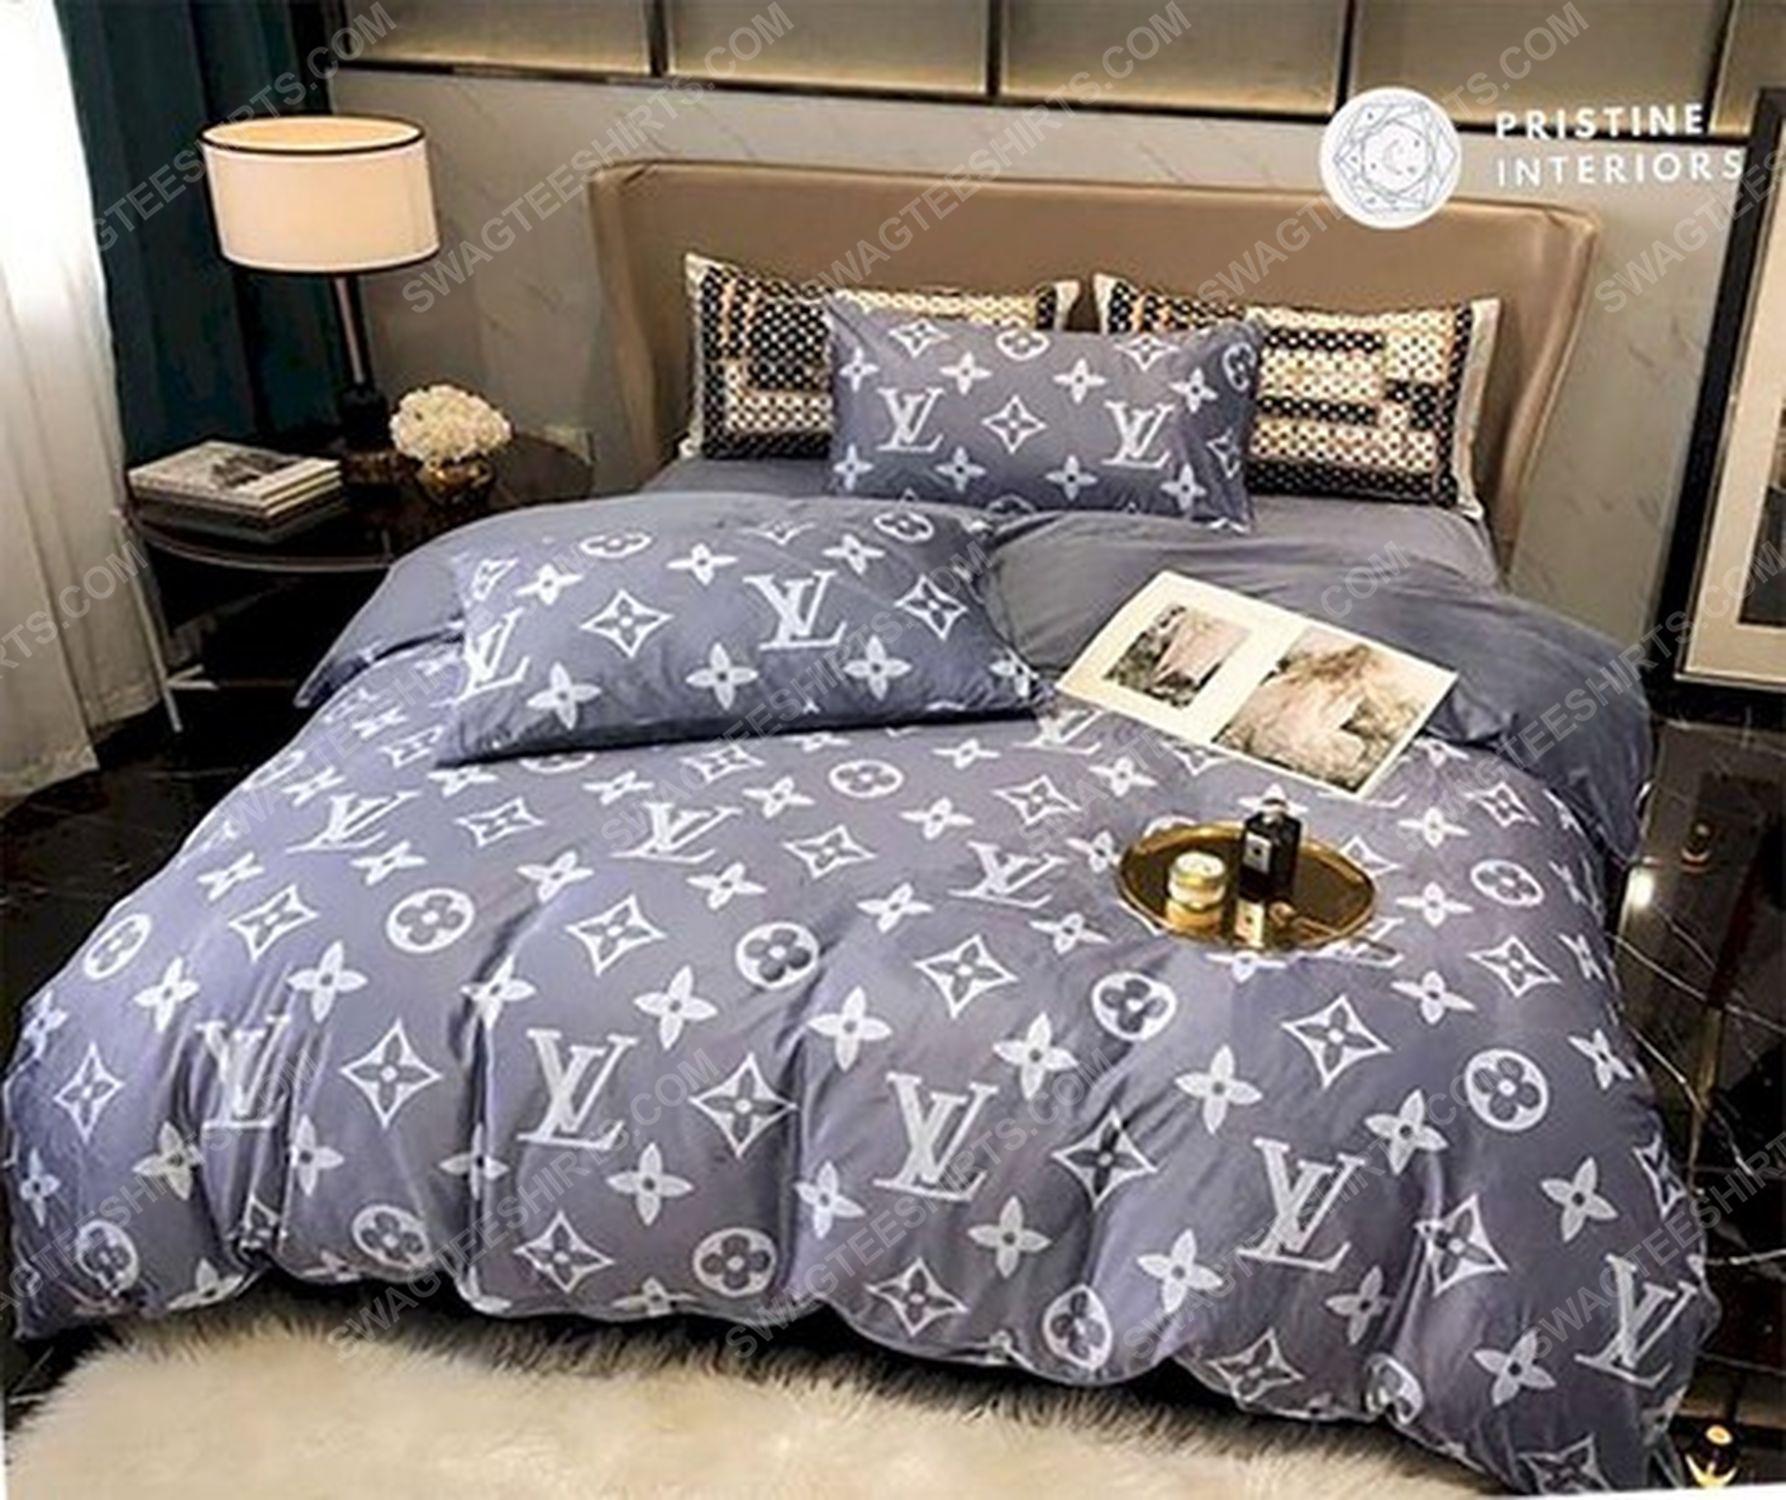 Lv monogram full print duvet cover bedding set 1